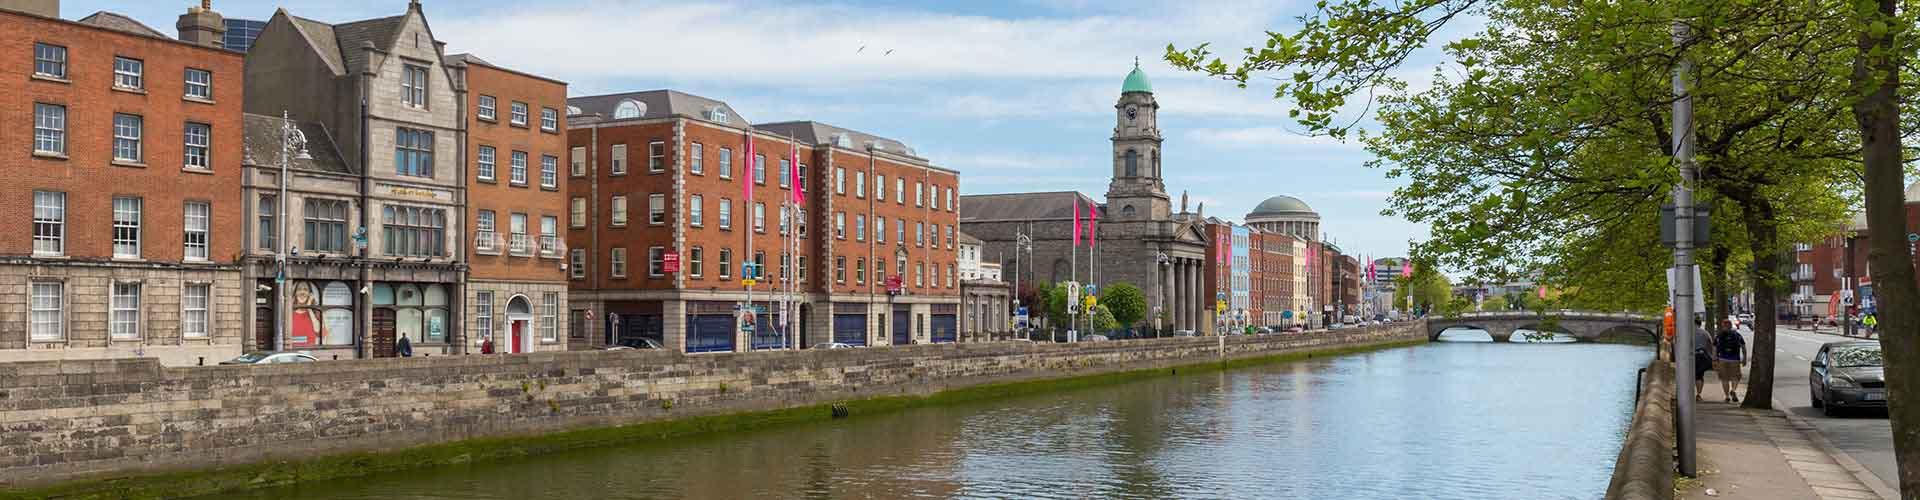 Dublín - Habitaciones cerca a City Center. Mapas de Dublín, Fotos y comentarios de cada Habitación en Dublín.